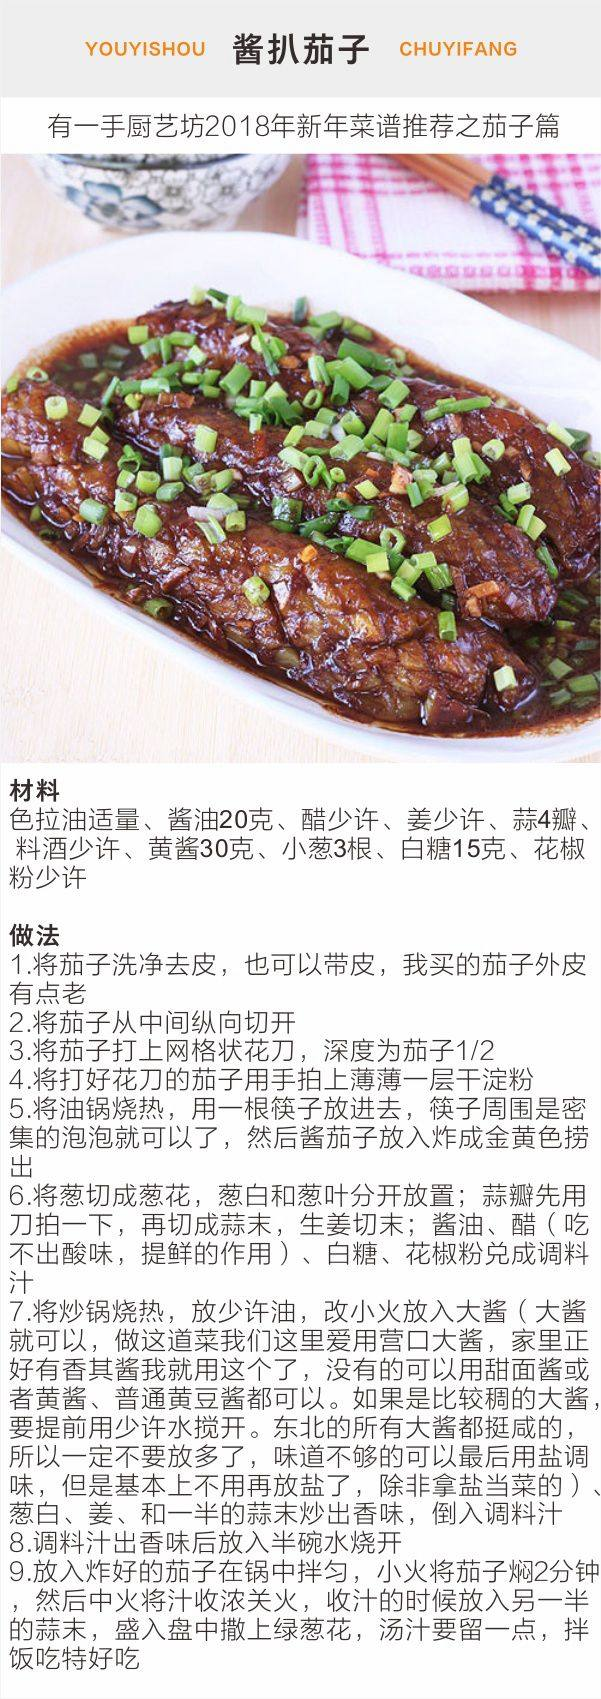 2018年春节必备请客过年吃饭的甜食--菜谱篇菜谱茄子图片